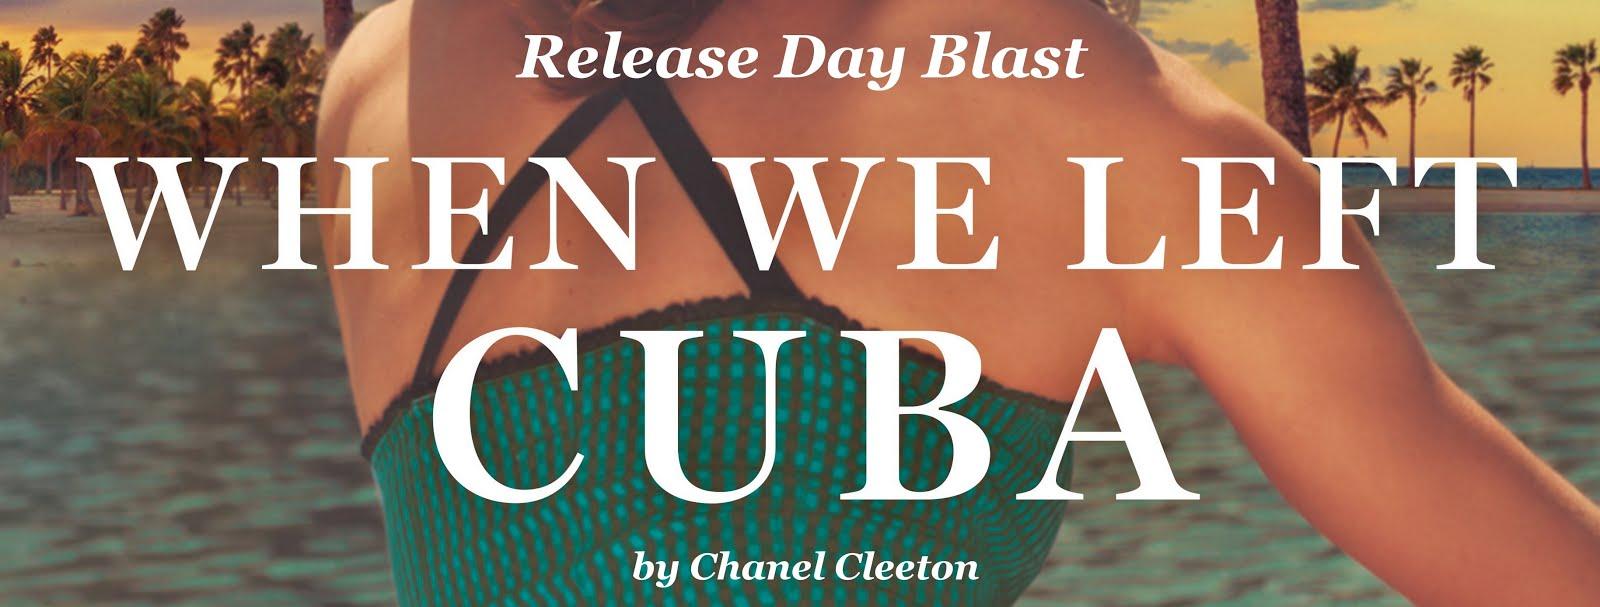 When We Left Cuba Release Day Blast